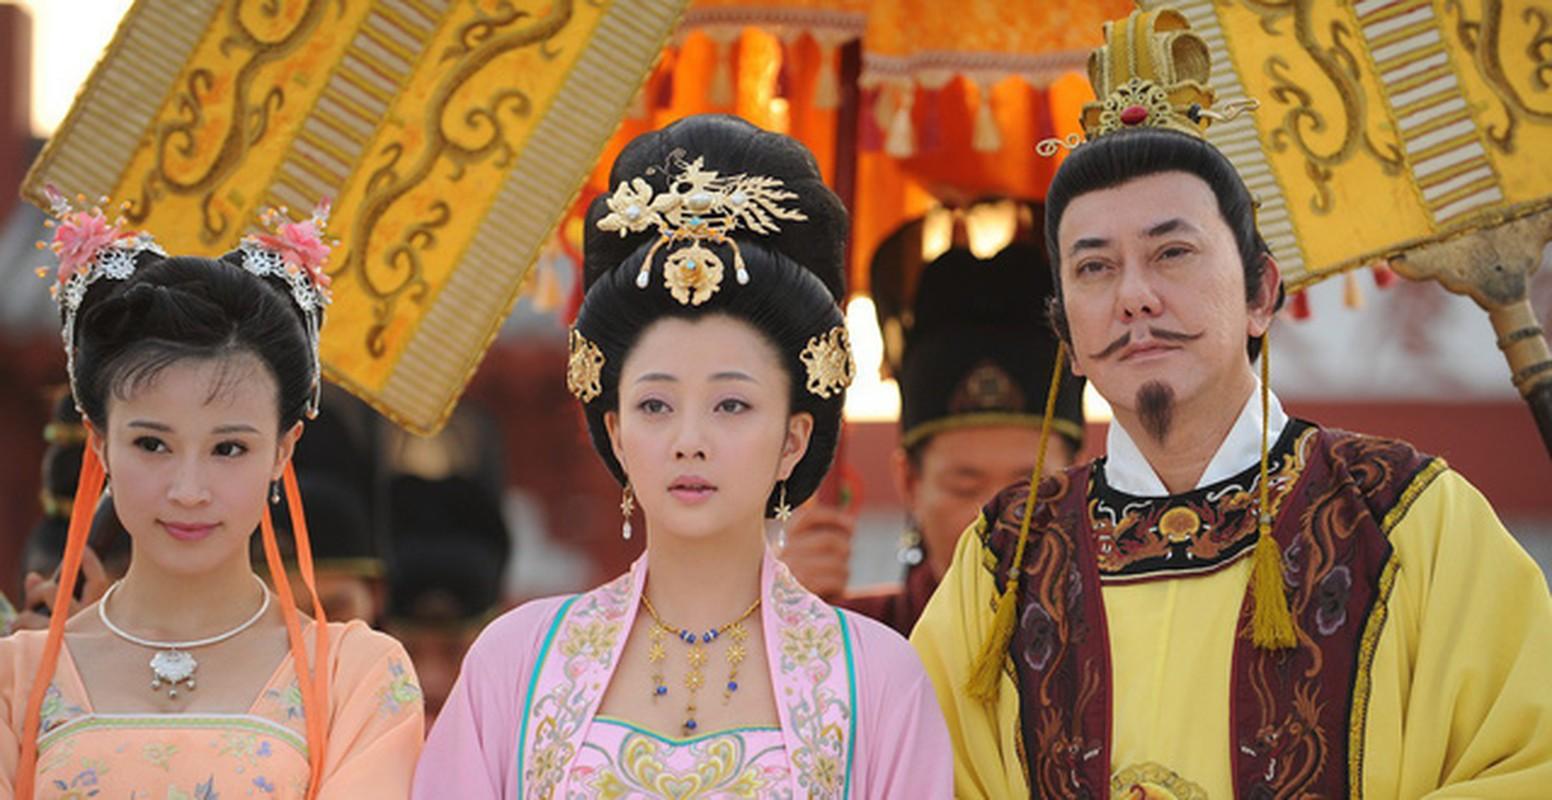 Duong Quy phi xinh dep the nao ma duoc vua sung ai bac nhat?-Hinh-4